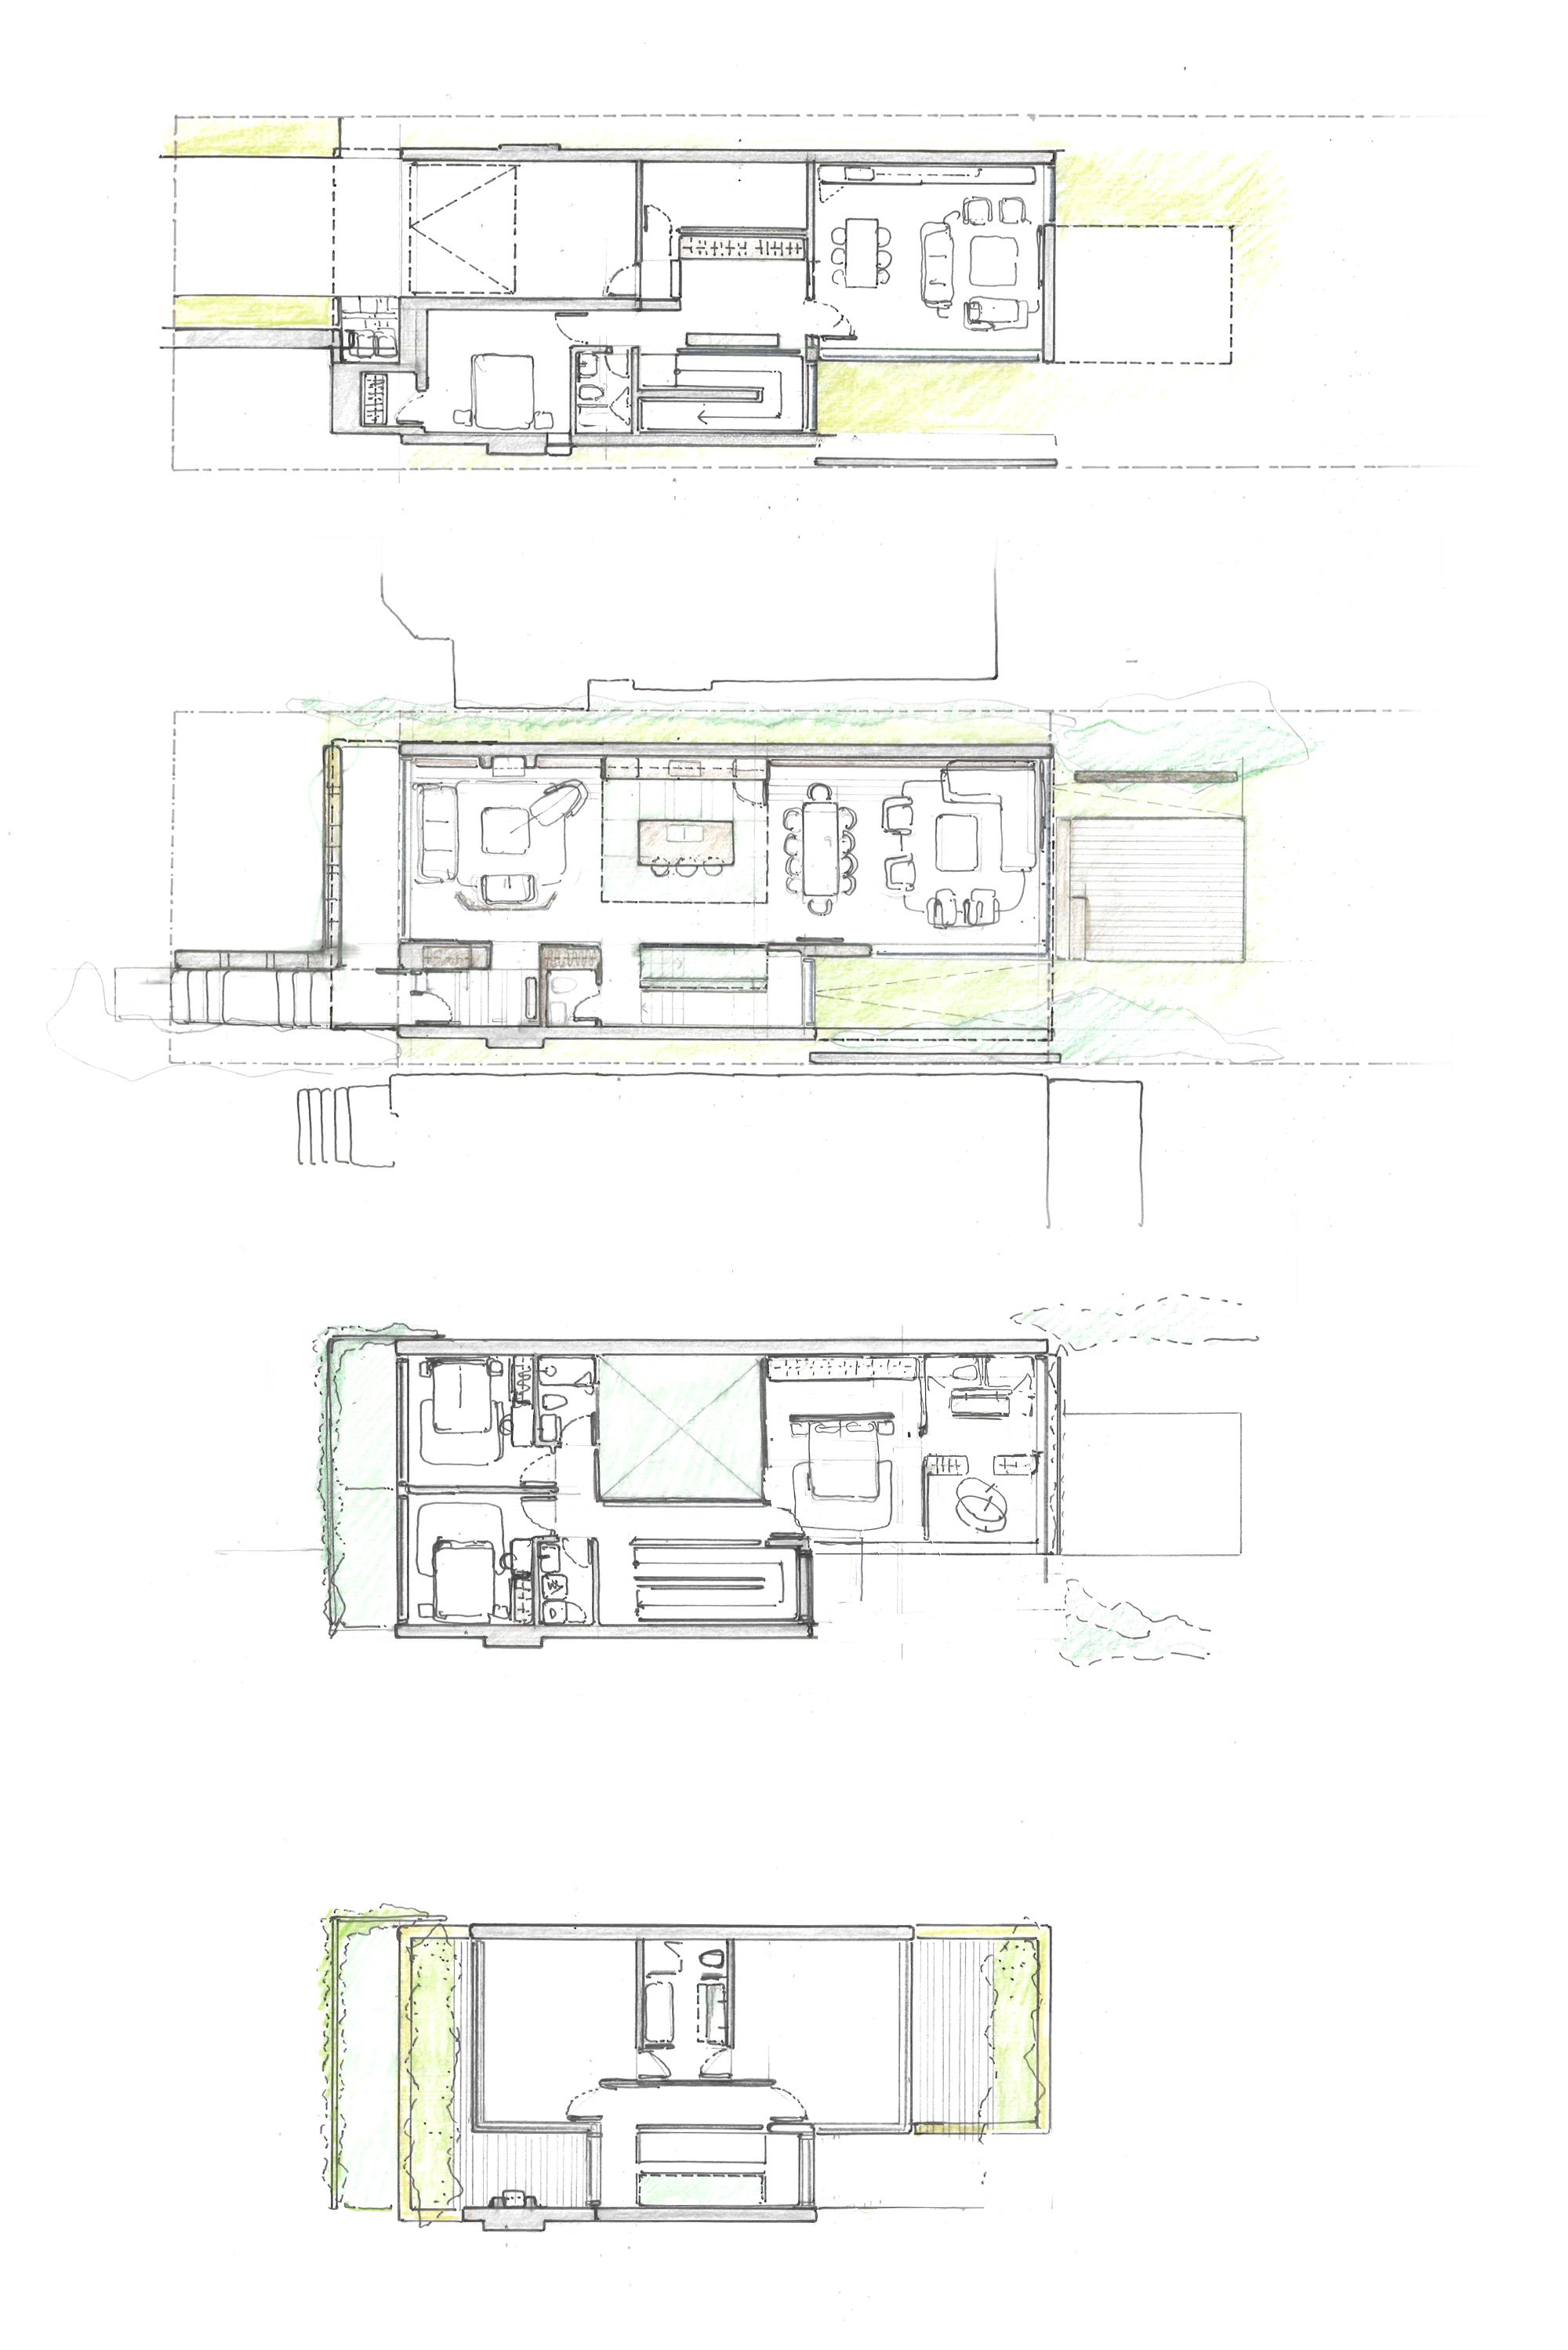 Atrium_1.1_Plans.jpg